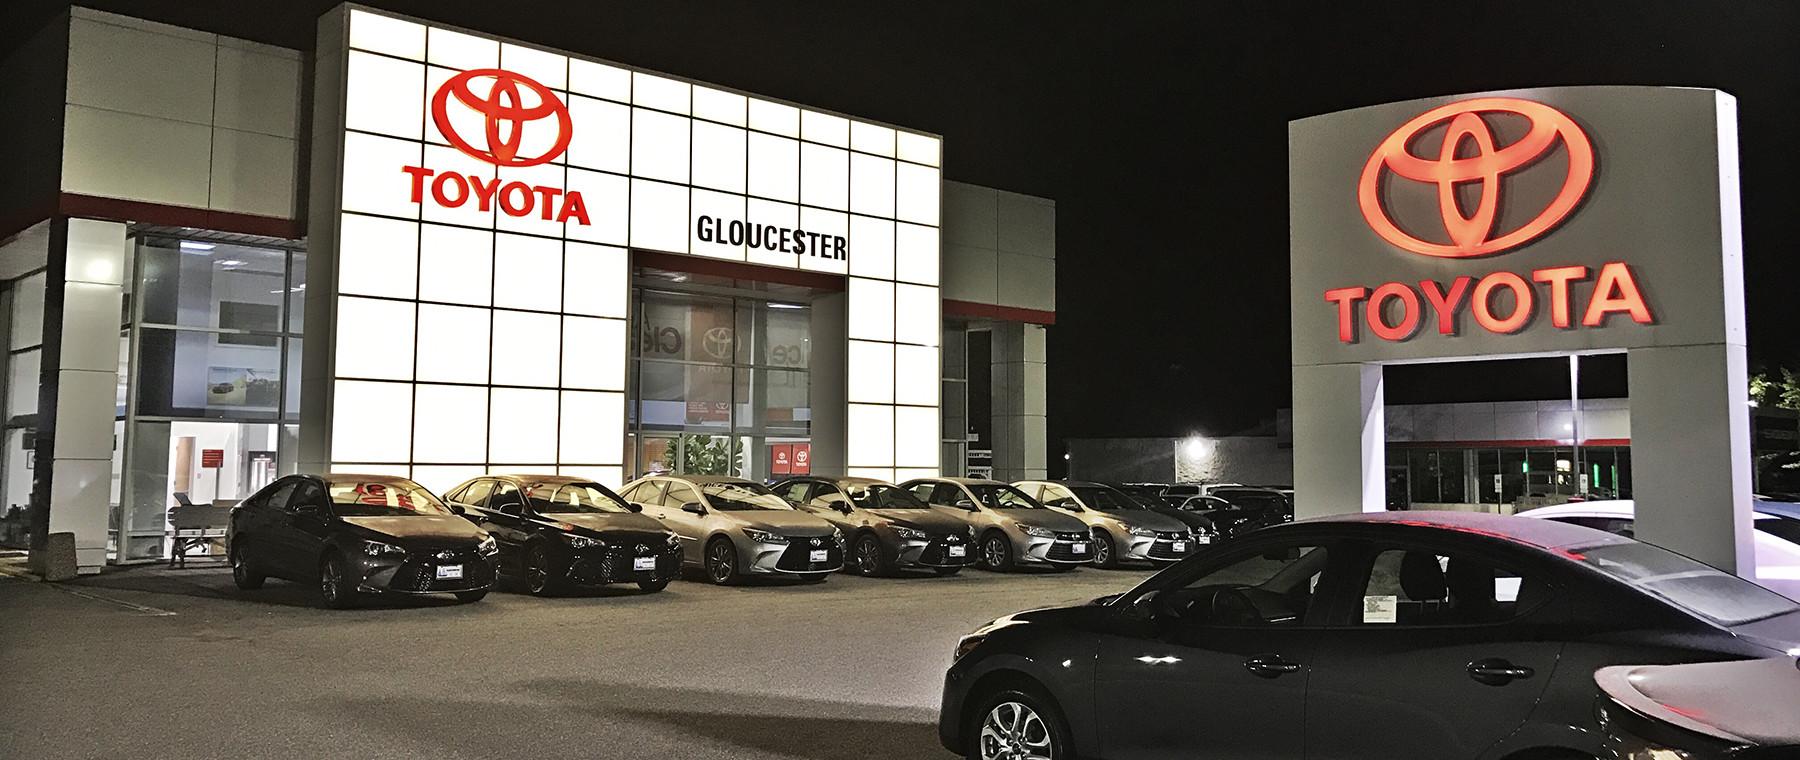 Gloucester Toyota Banner